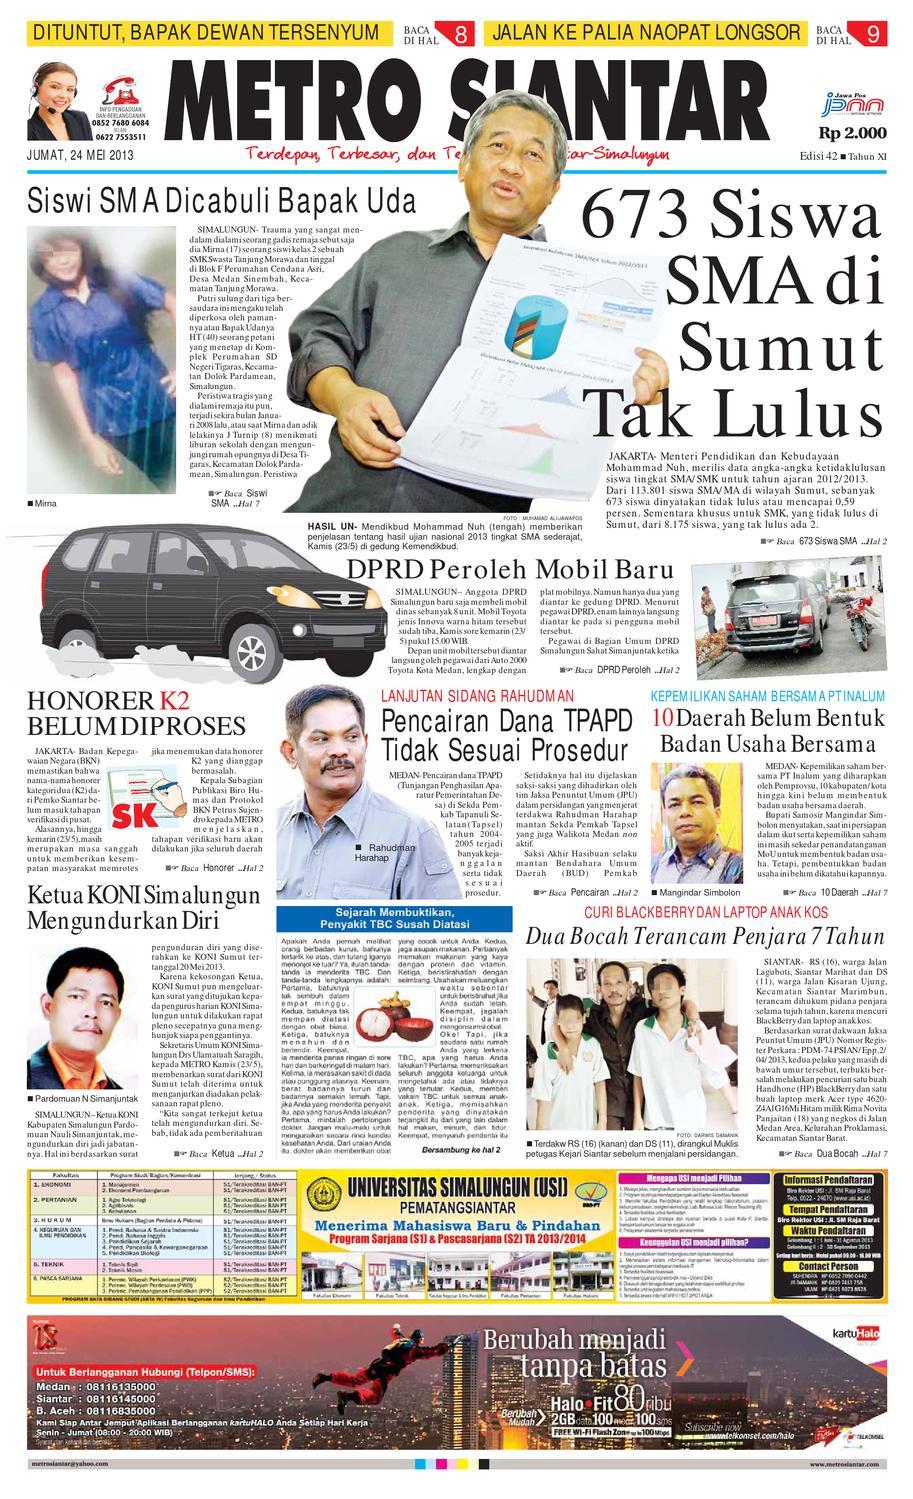 Epaper Metro Siantar Online By Issuu Tcash Vaganza 28 Sambal Bawang Bu Rudy Khas Surabaya